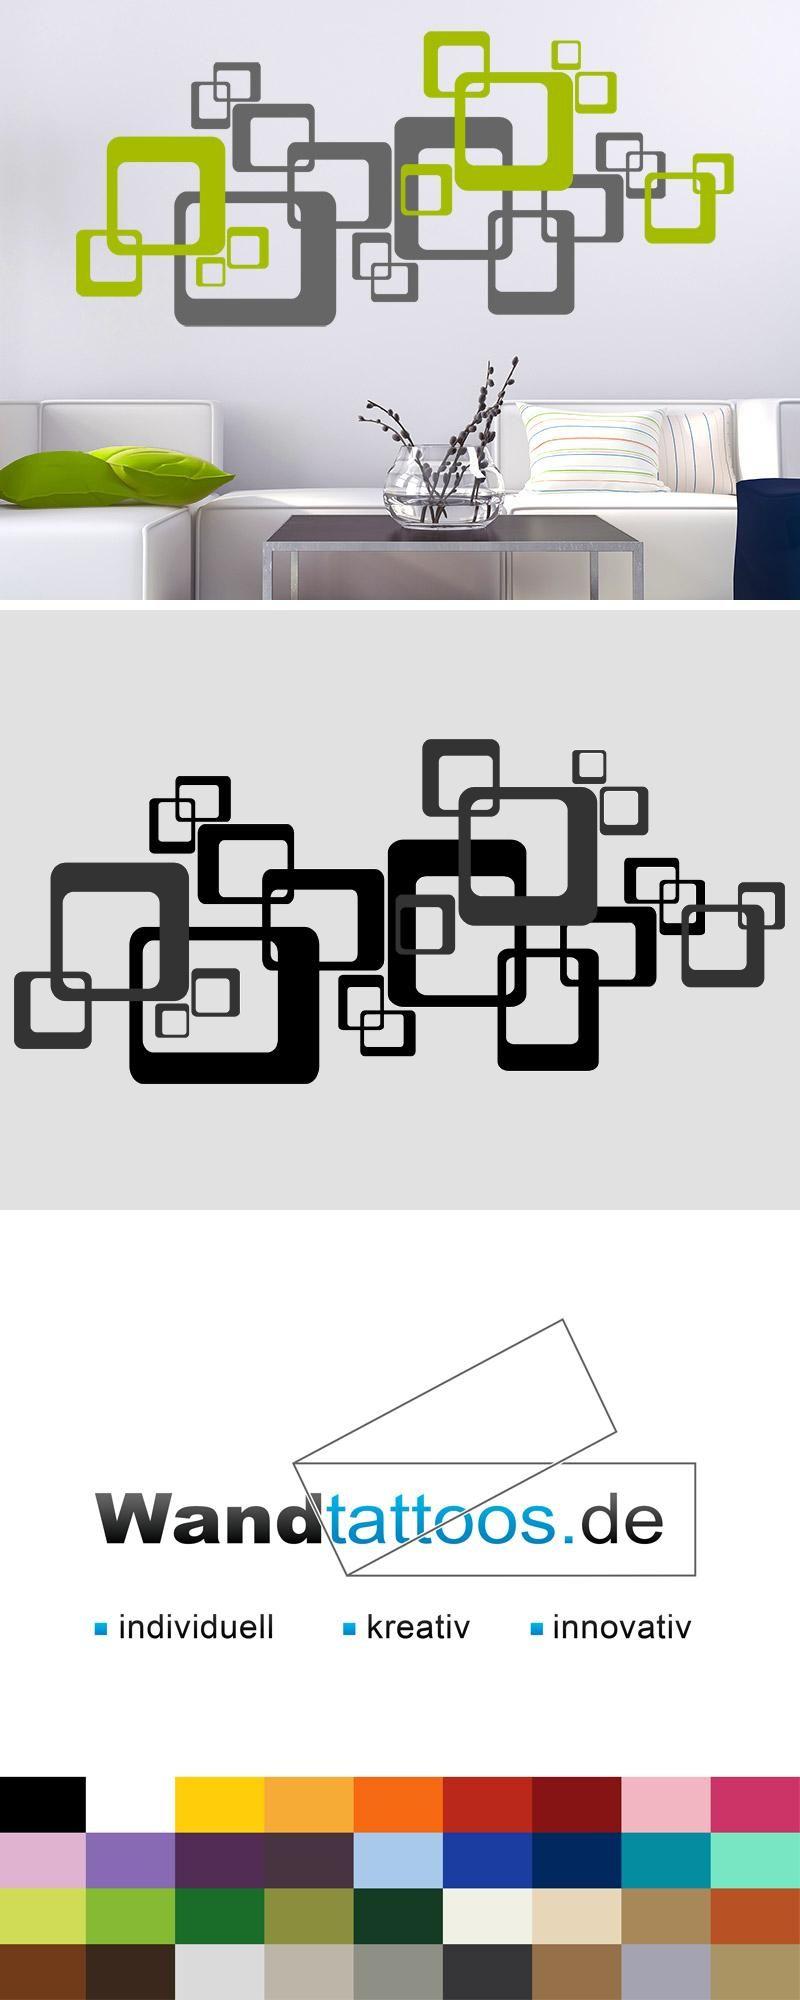 Wandtattoo ornament retro quadrate zweifarbig en 2019 k for Wandgestaltung zweifarbig